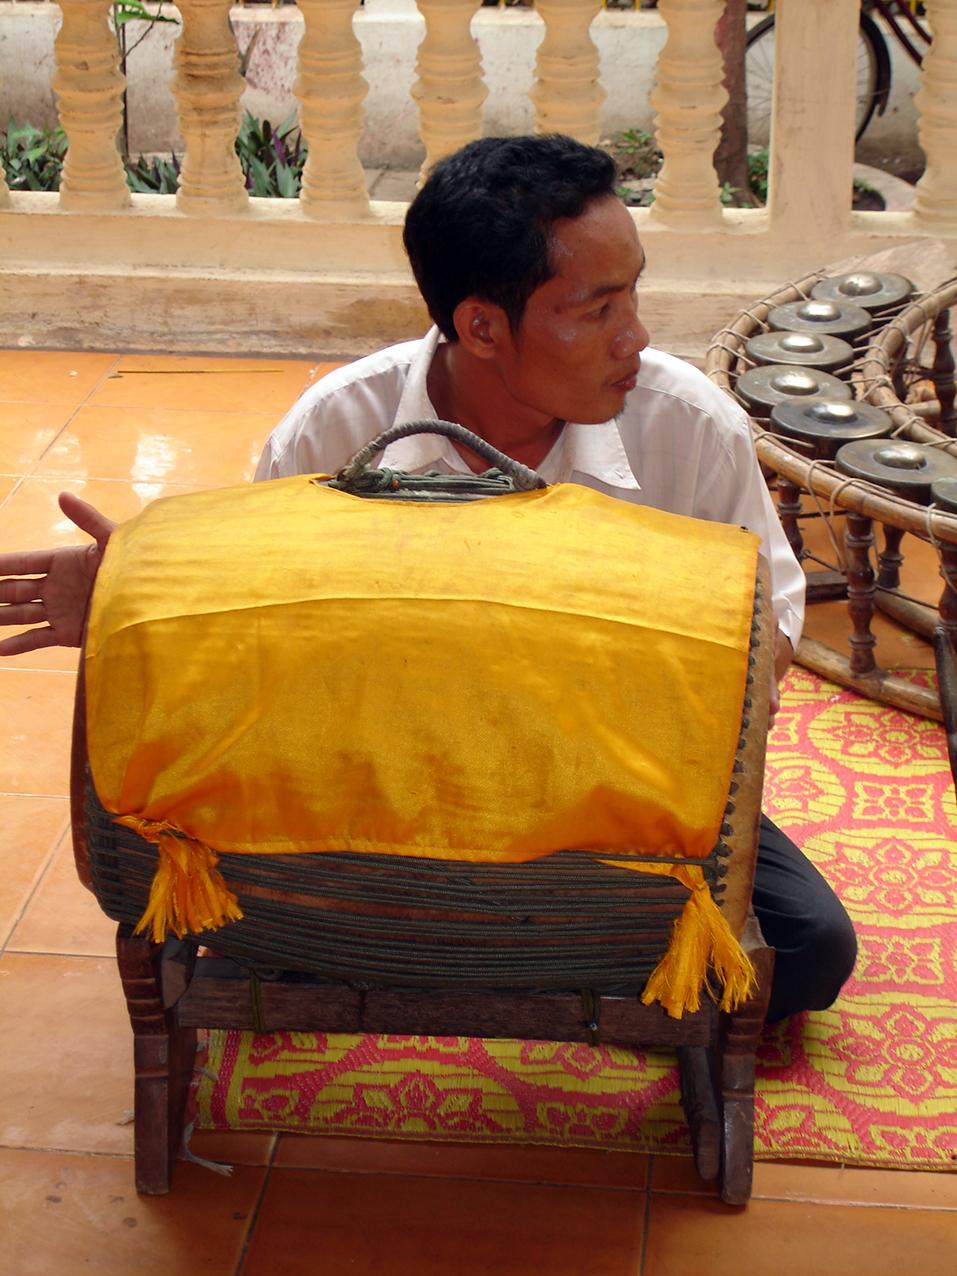 Samphor recouvert d'une étoffe jaune. Preah Ang Chek Preah Ang Chorm. ព្រះអង្គចេក ព្រះអង្គចម. Siem Reap 2008.